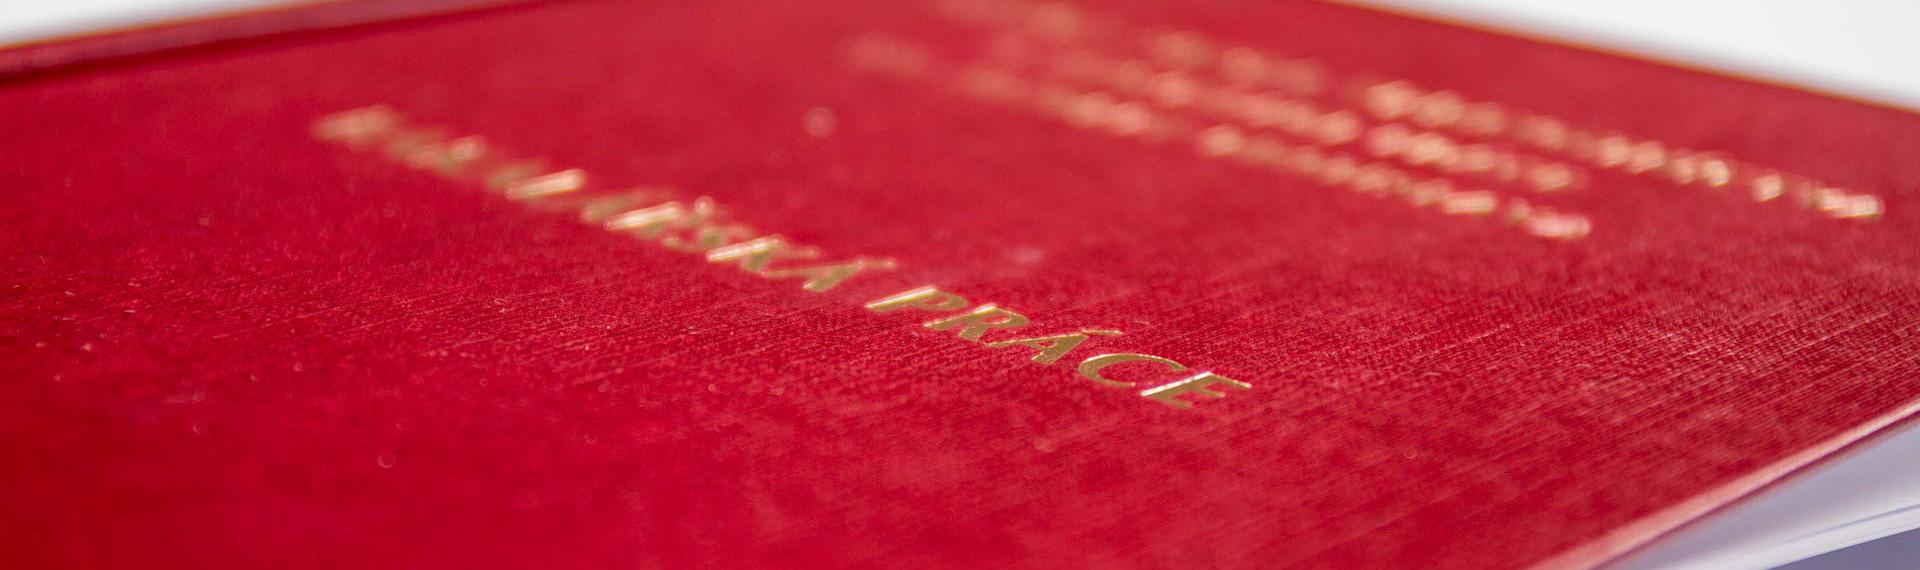 tisk diplomových prací plzeň